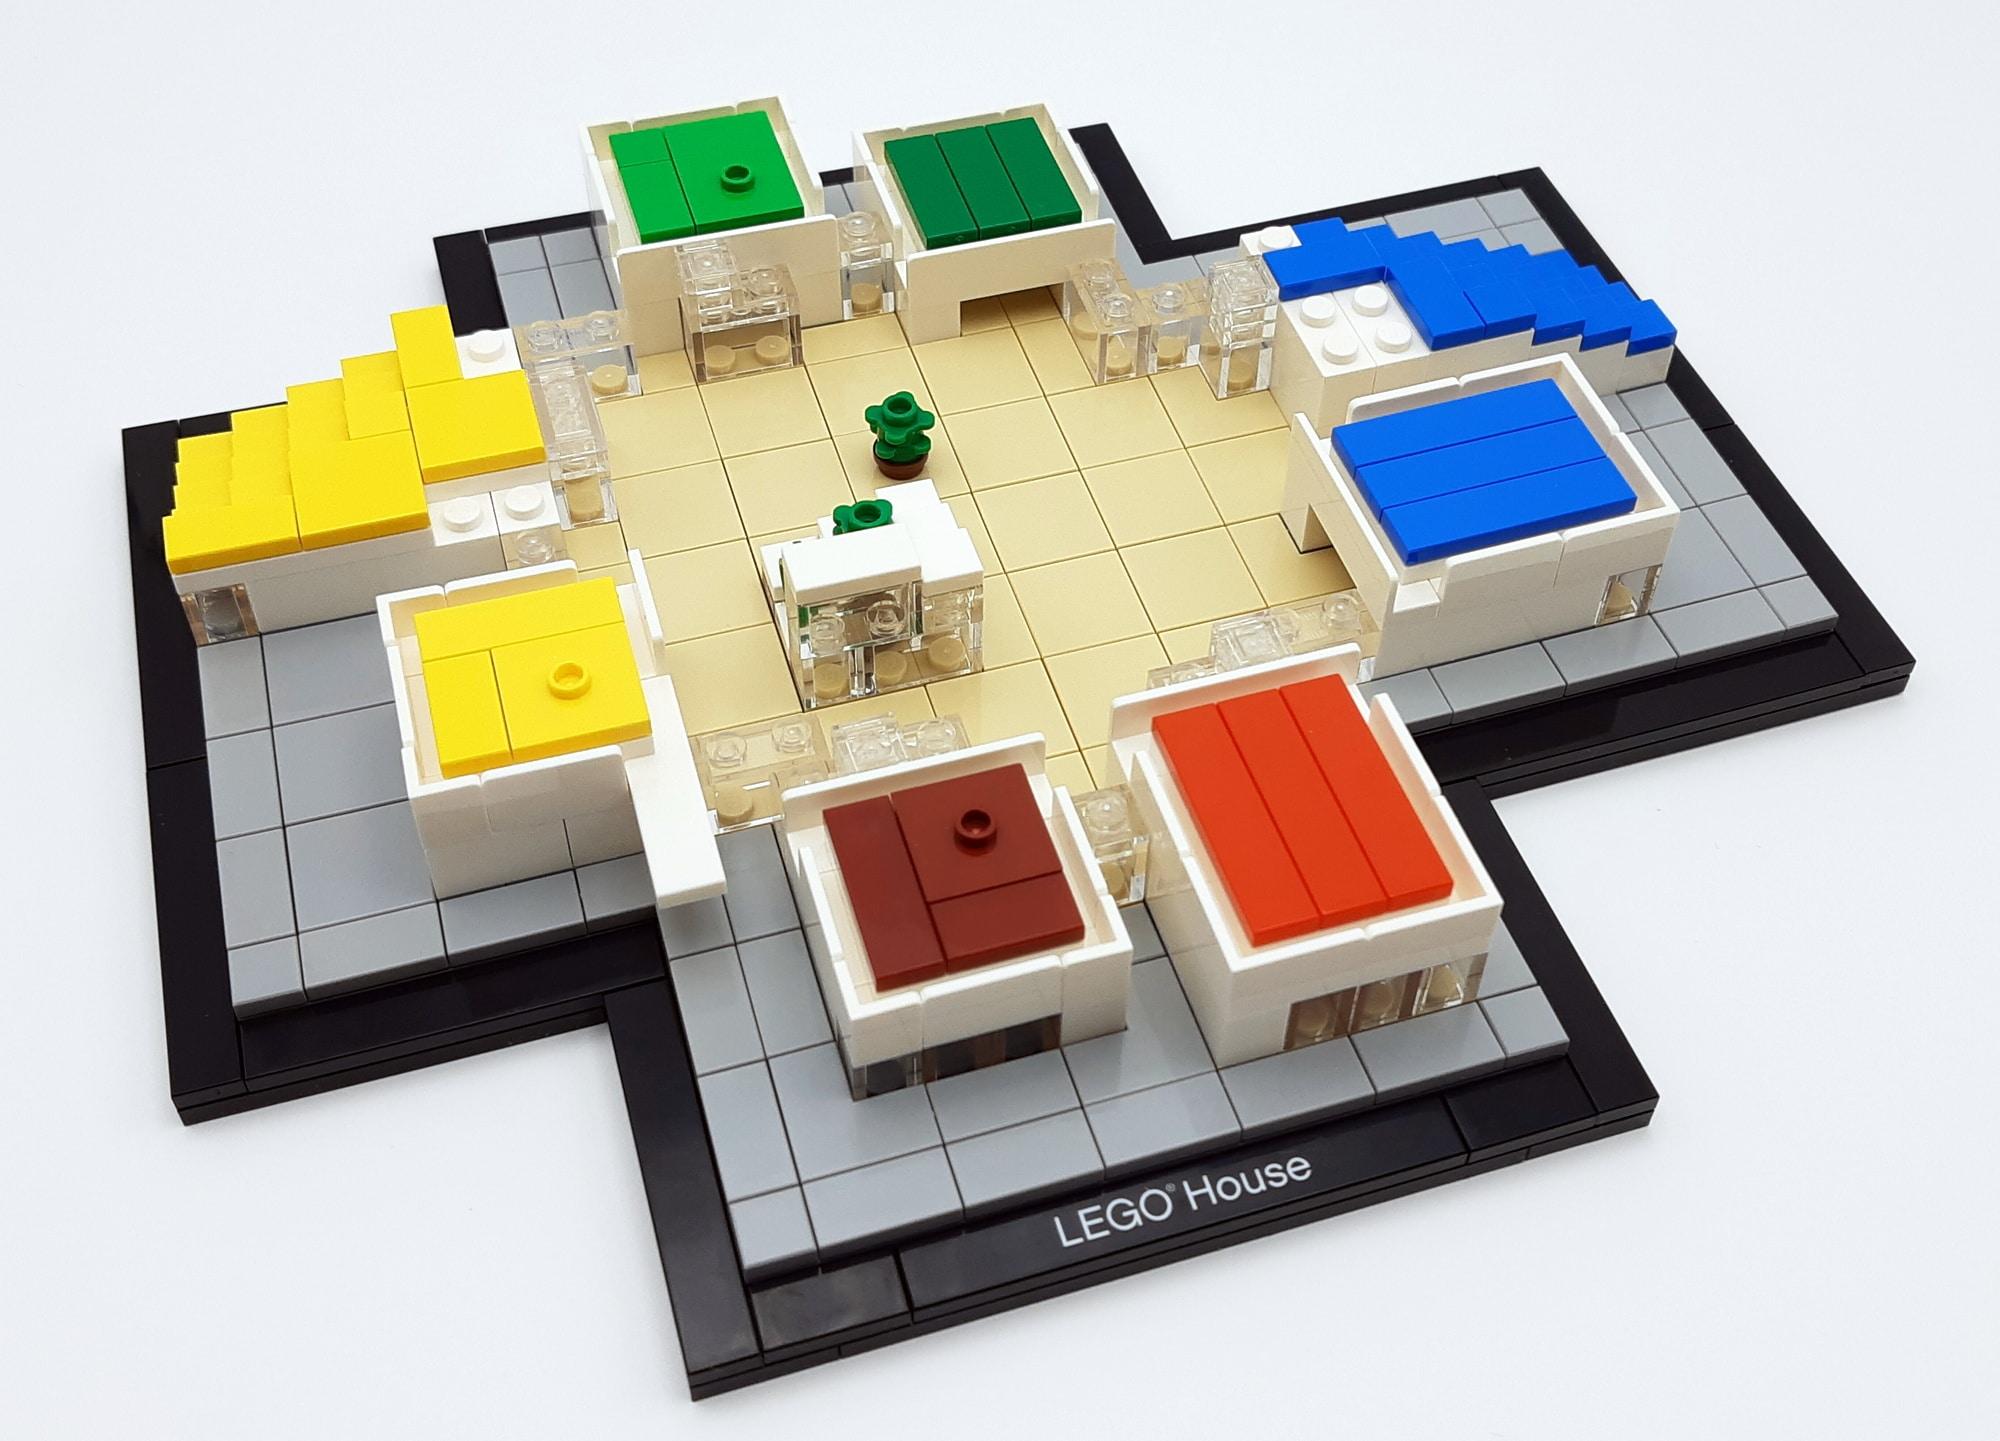 LEGO 21037 - LEGO House Baubschnitt Erdgeschoss